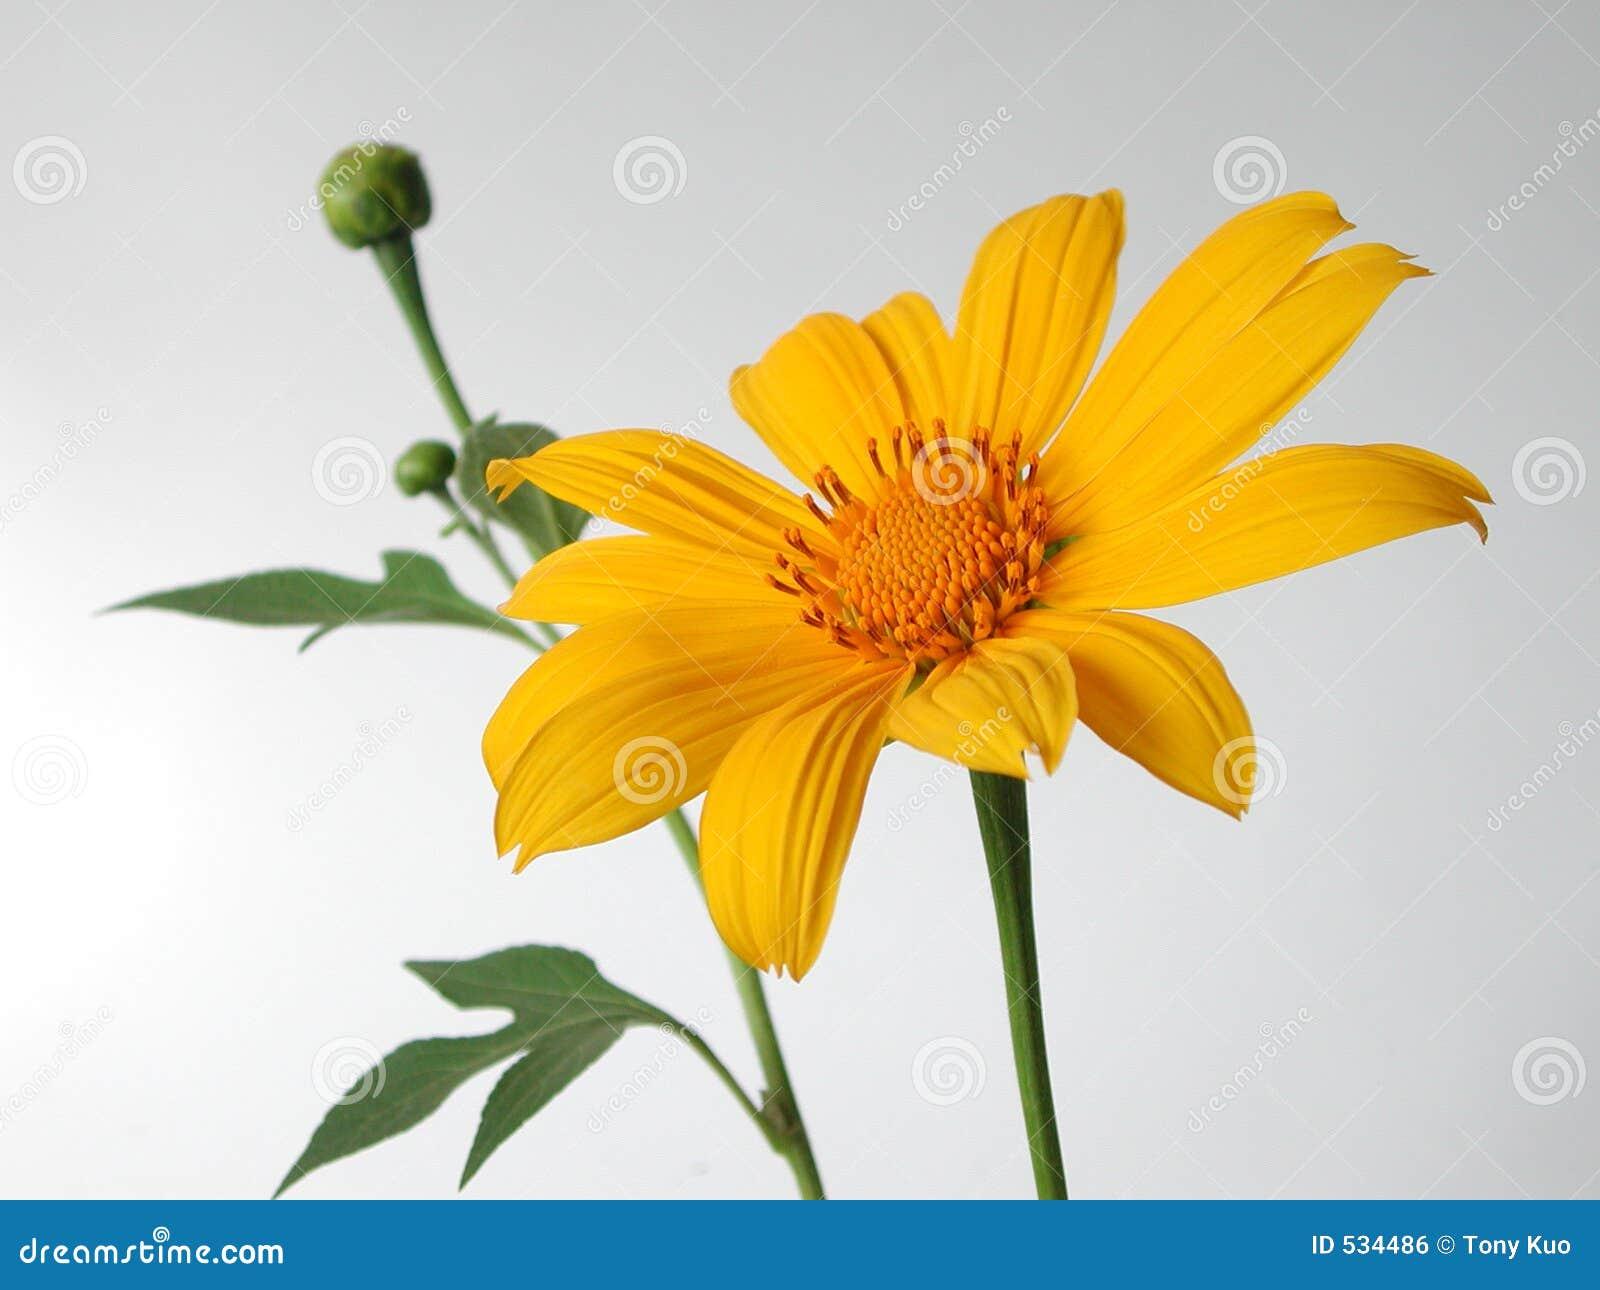 Download 花黄色 库存照片. 图片 包括有 镶边, 春天, 精美, 复活节, 相当, 气味, 理想, 照亮, 植物群, 可爱 - 534486